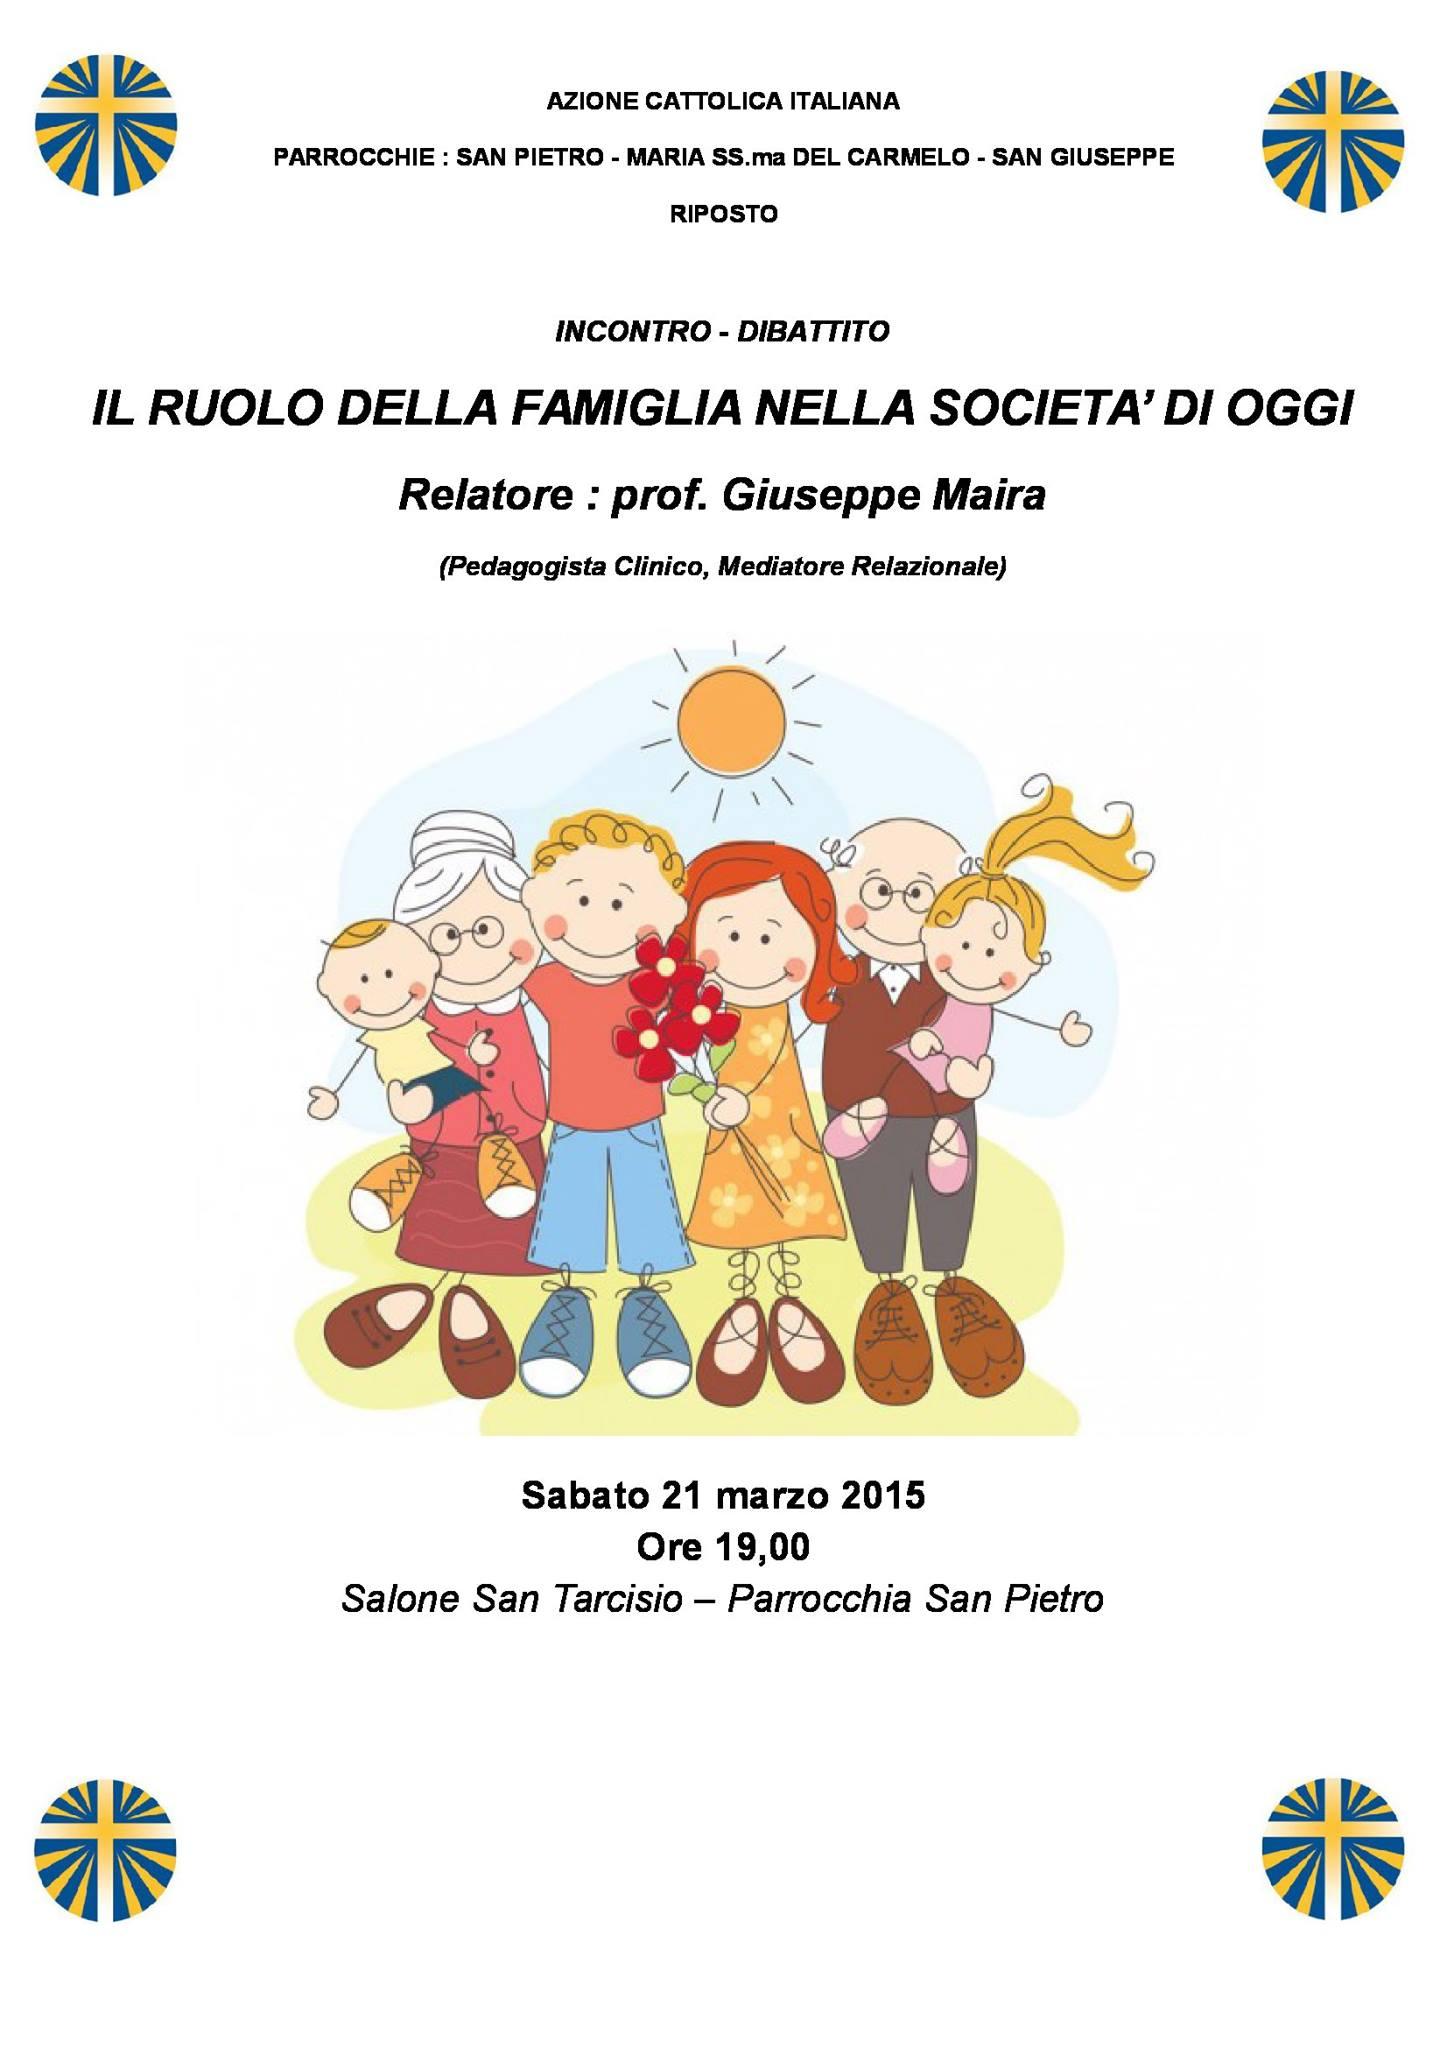 Il ruolo della famiglia nella società di oggi